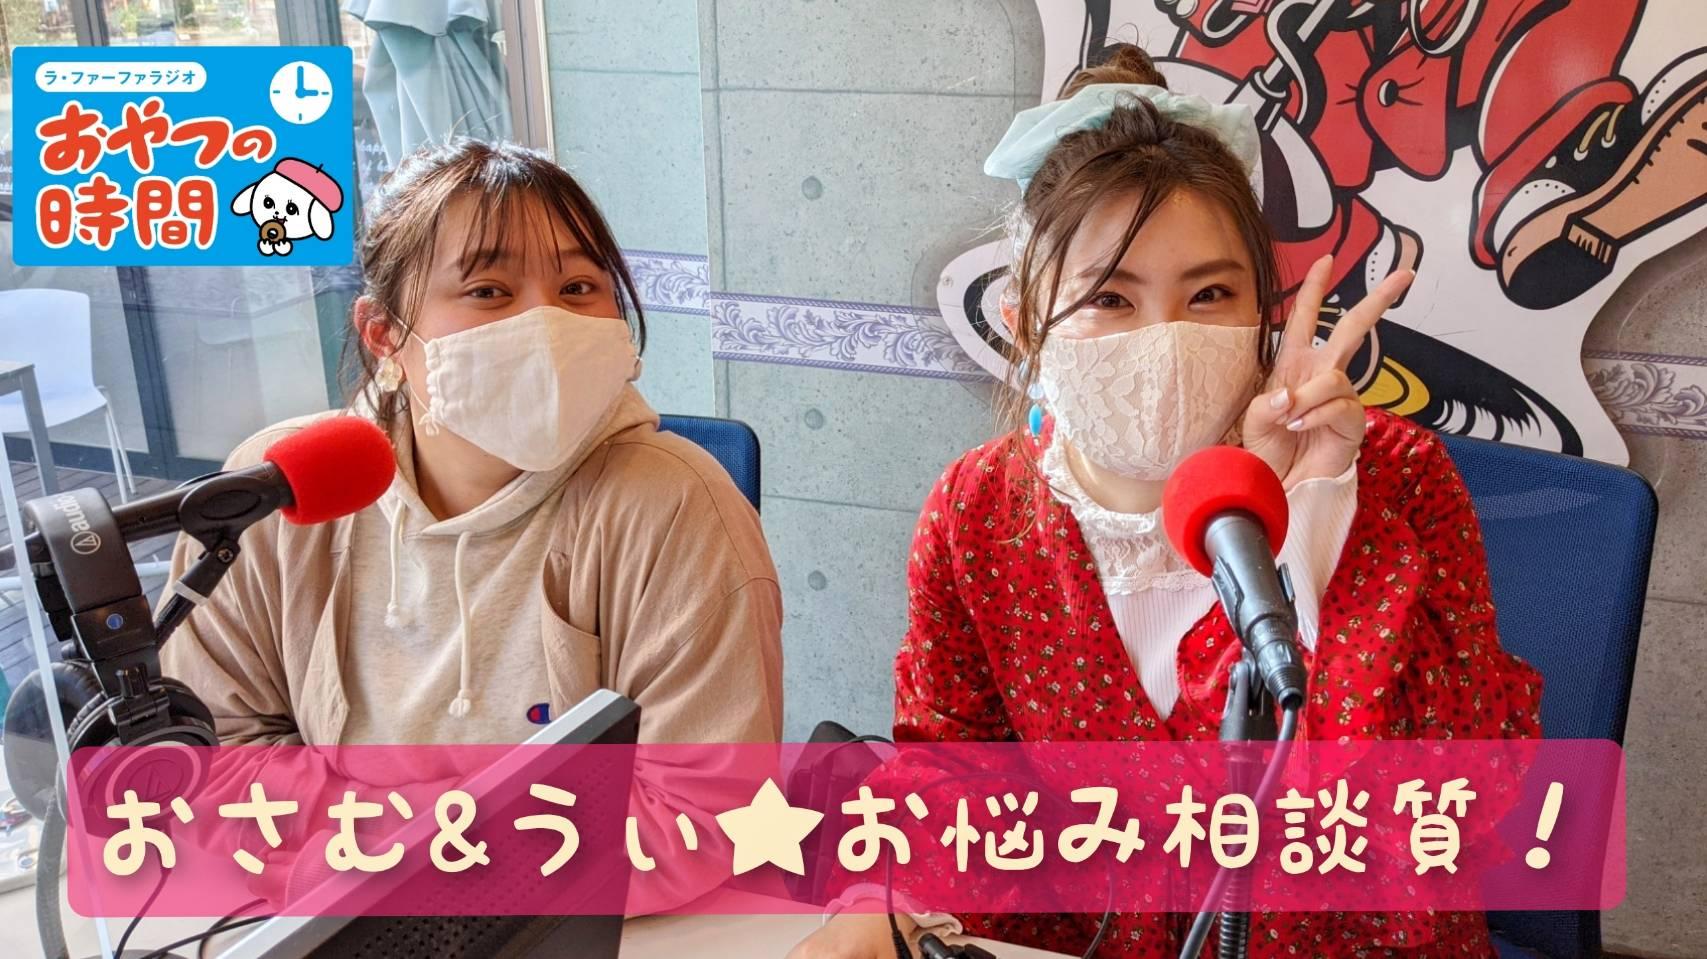 【動画公開】『ラファーファラジオ おやつの時間』#6(3/14放送分)